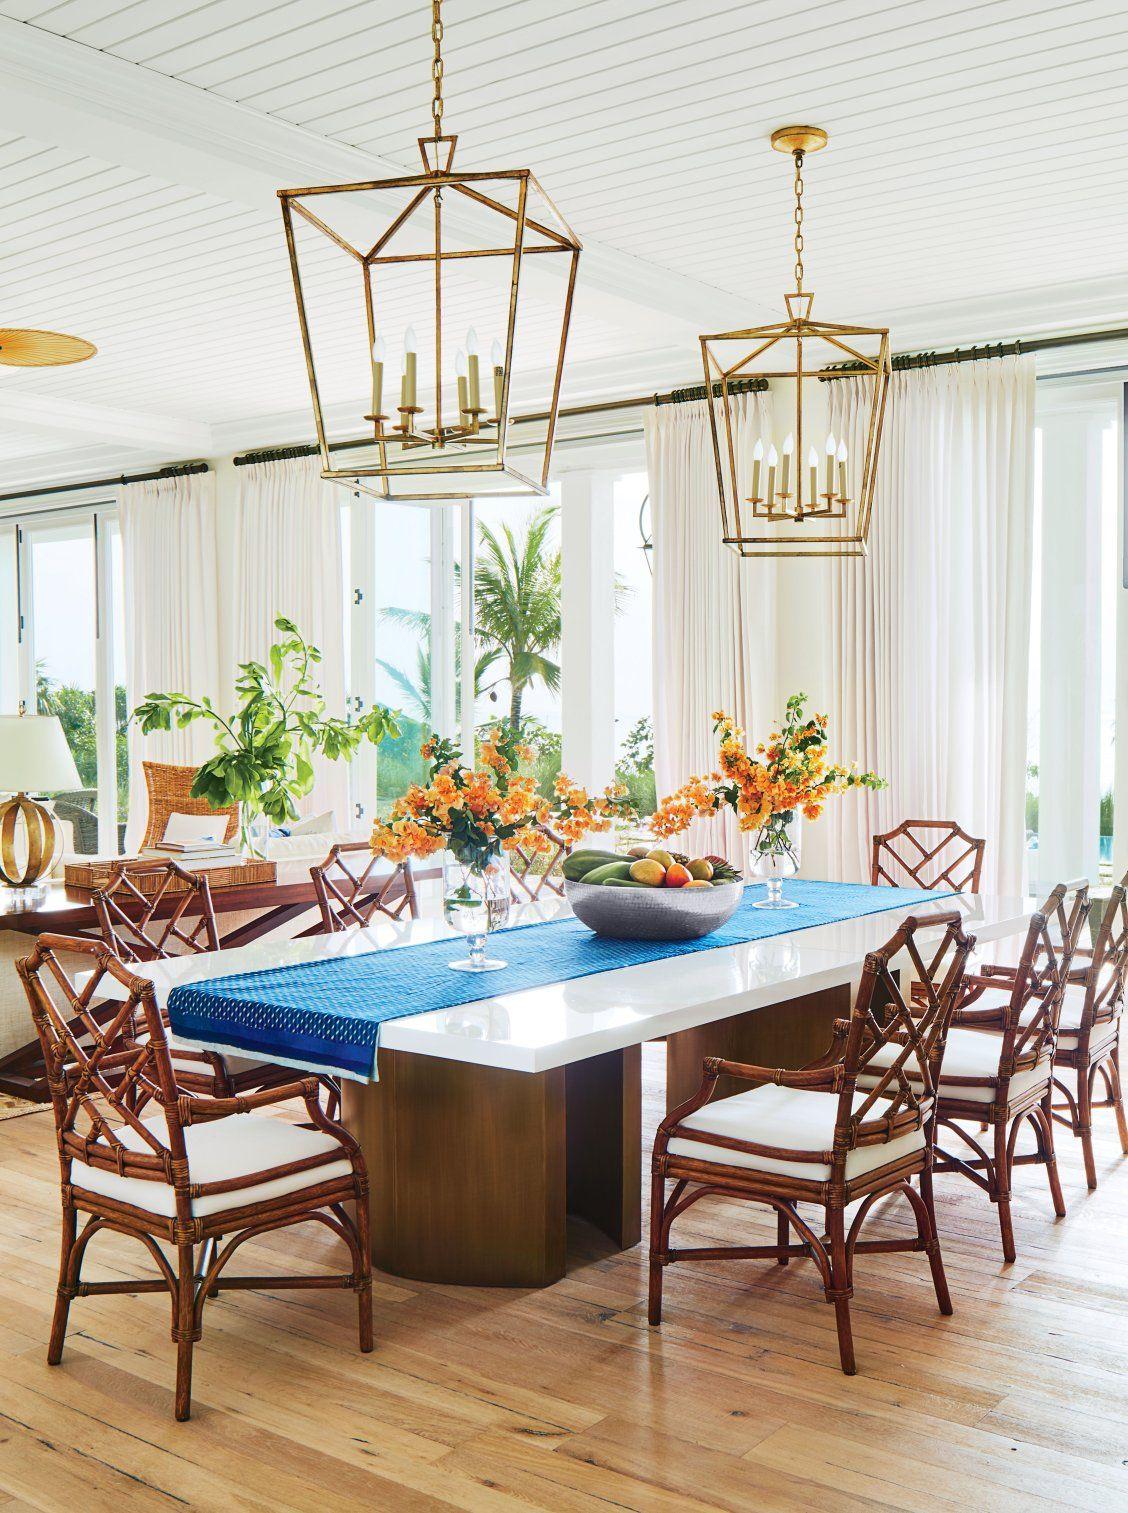 Tour The Bahamas Beach House Of Your Dreams Beach House Decor